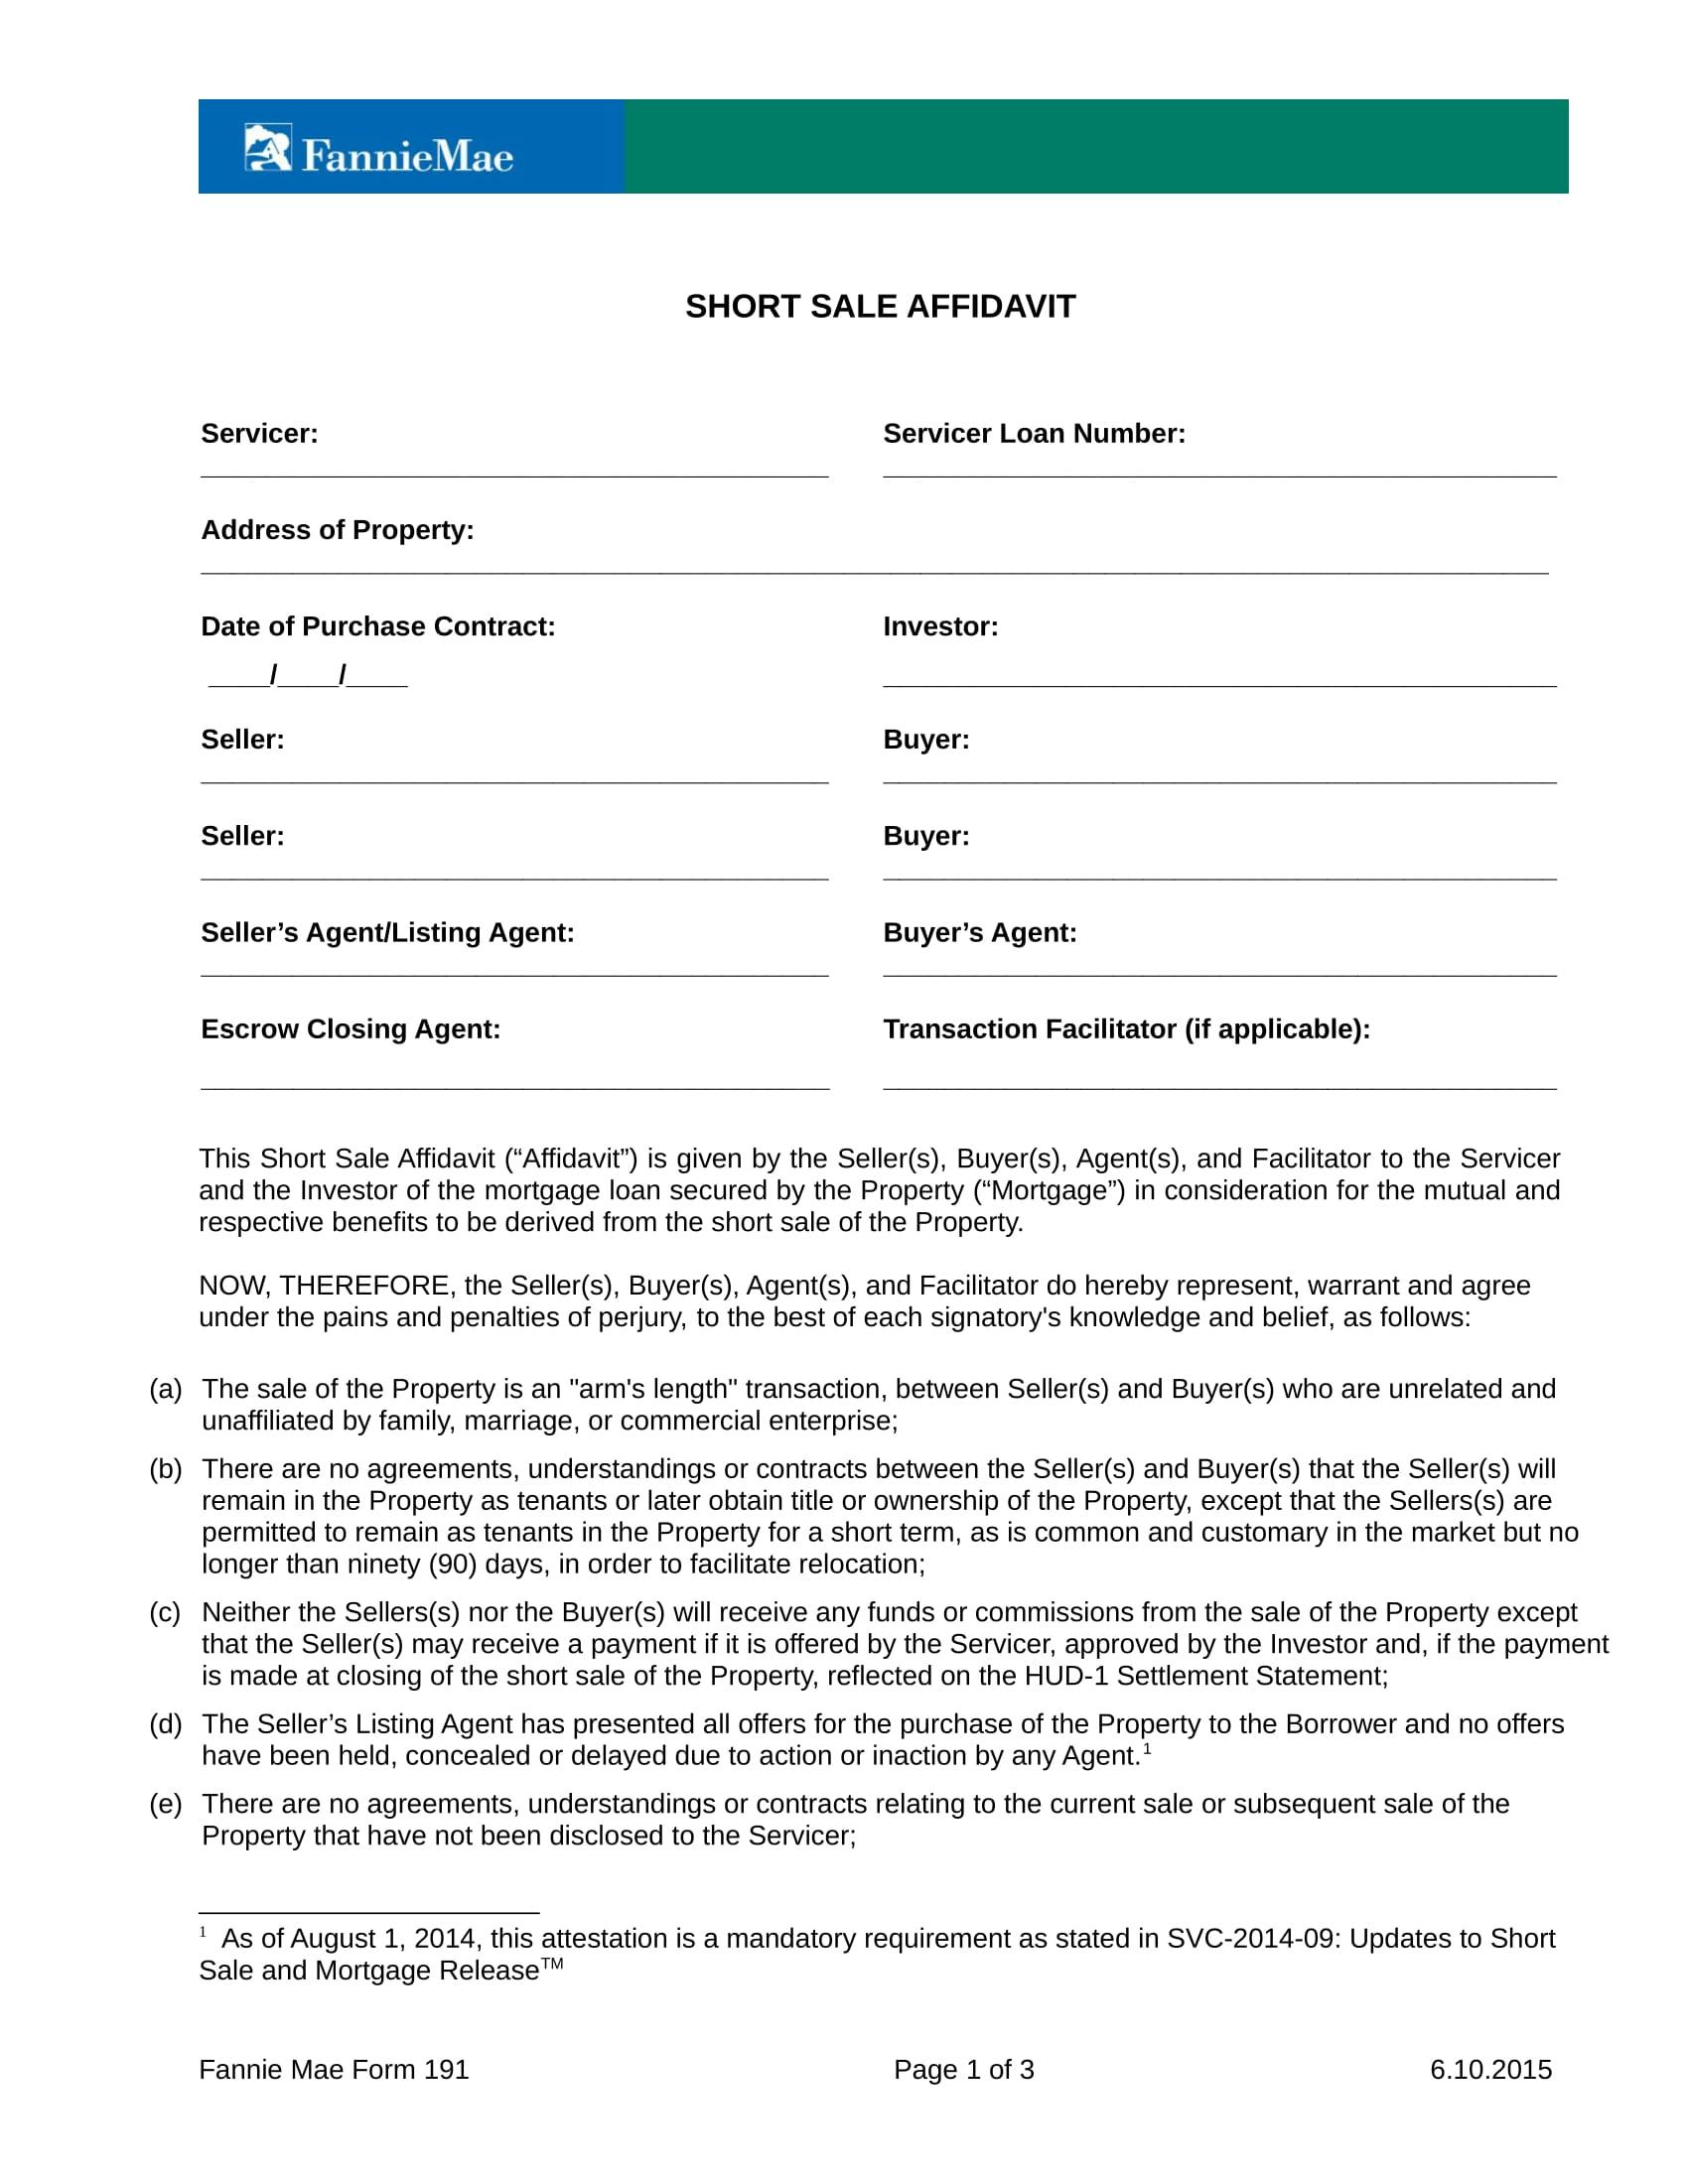 short sale affidavit form sample 2